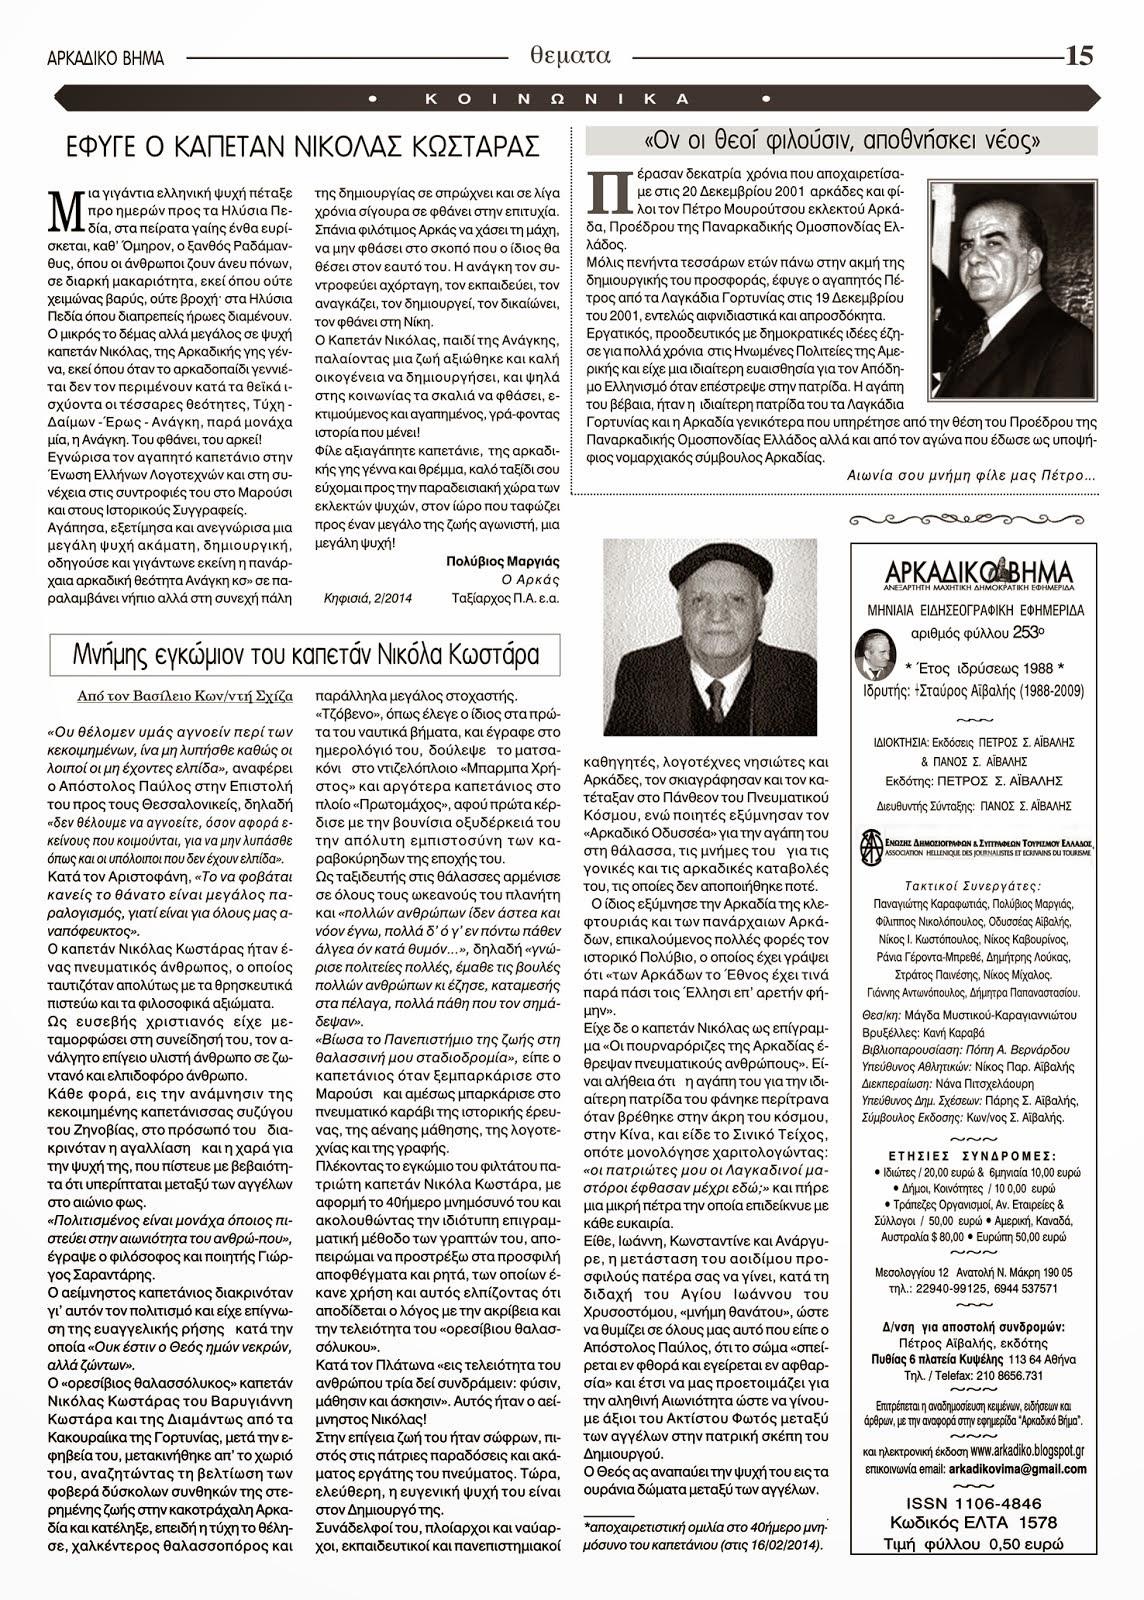 """Εφημερίδα """"Αρκαδικό Βήμα"""" - Μνήμης εγκώμιον του καπετάν Νικόλα Κωστάρα"""